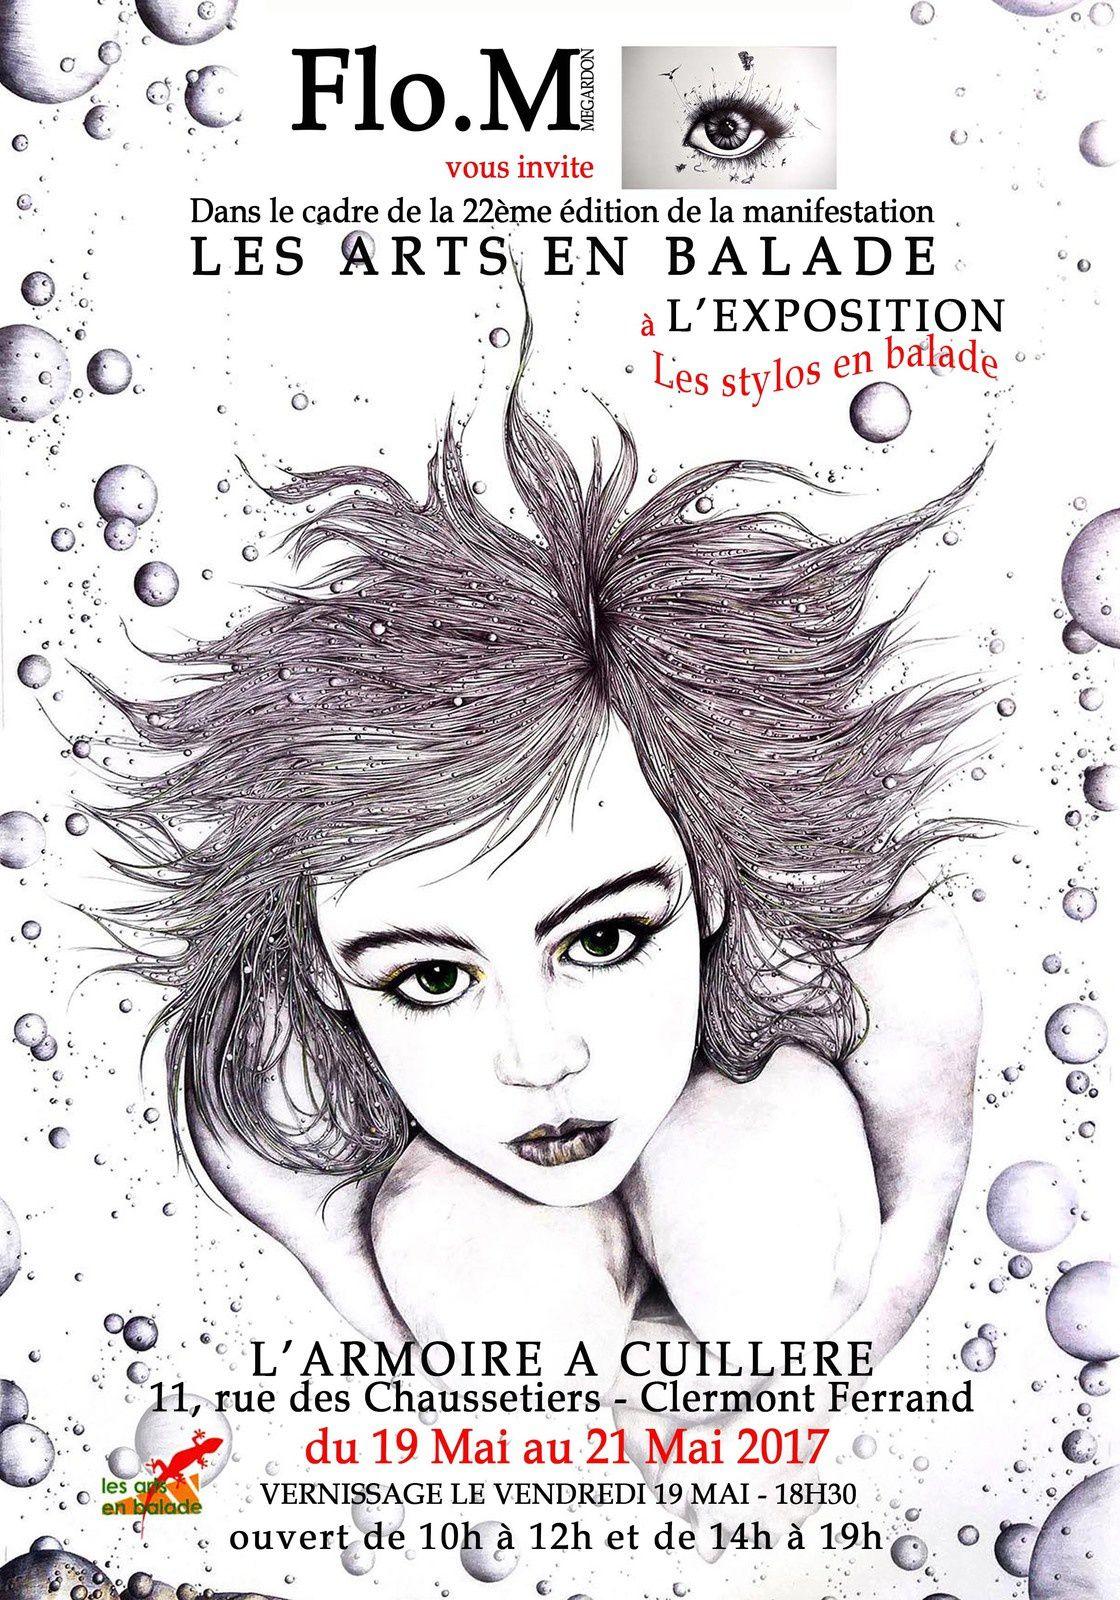 LES ARTS EN BALADE 2017  AVEC FLO.M